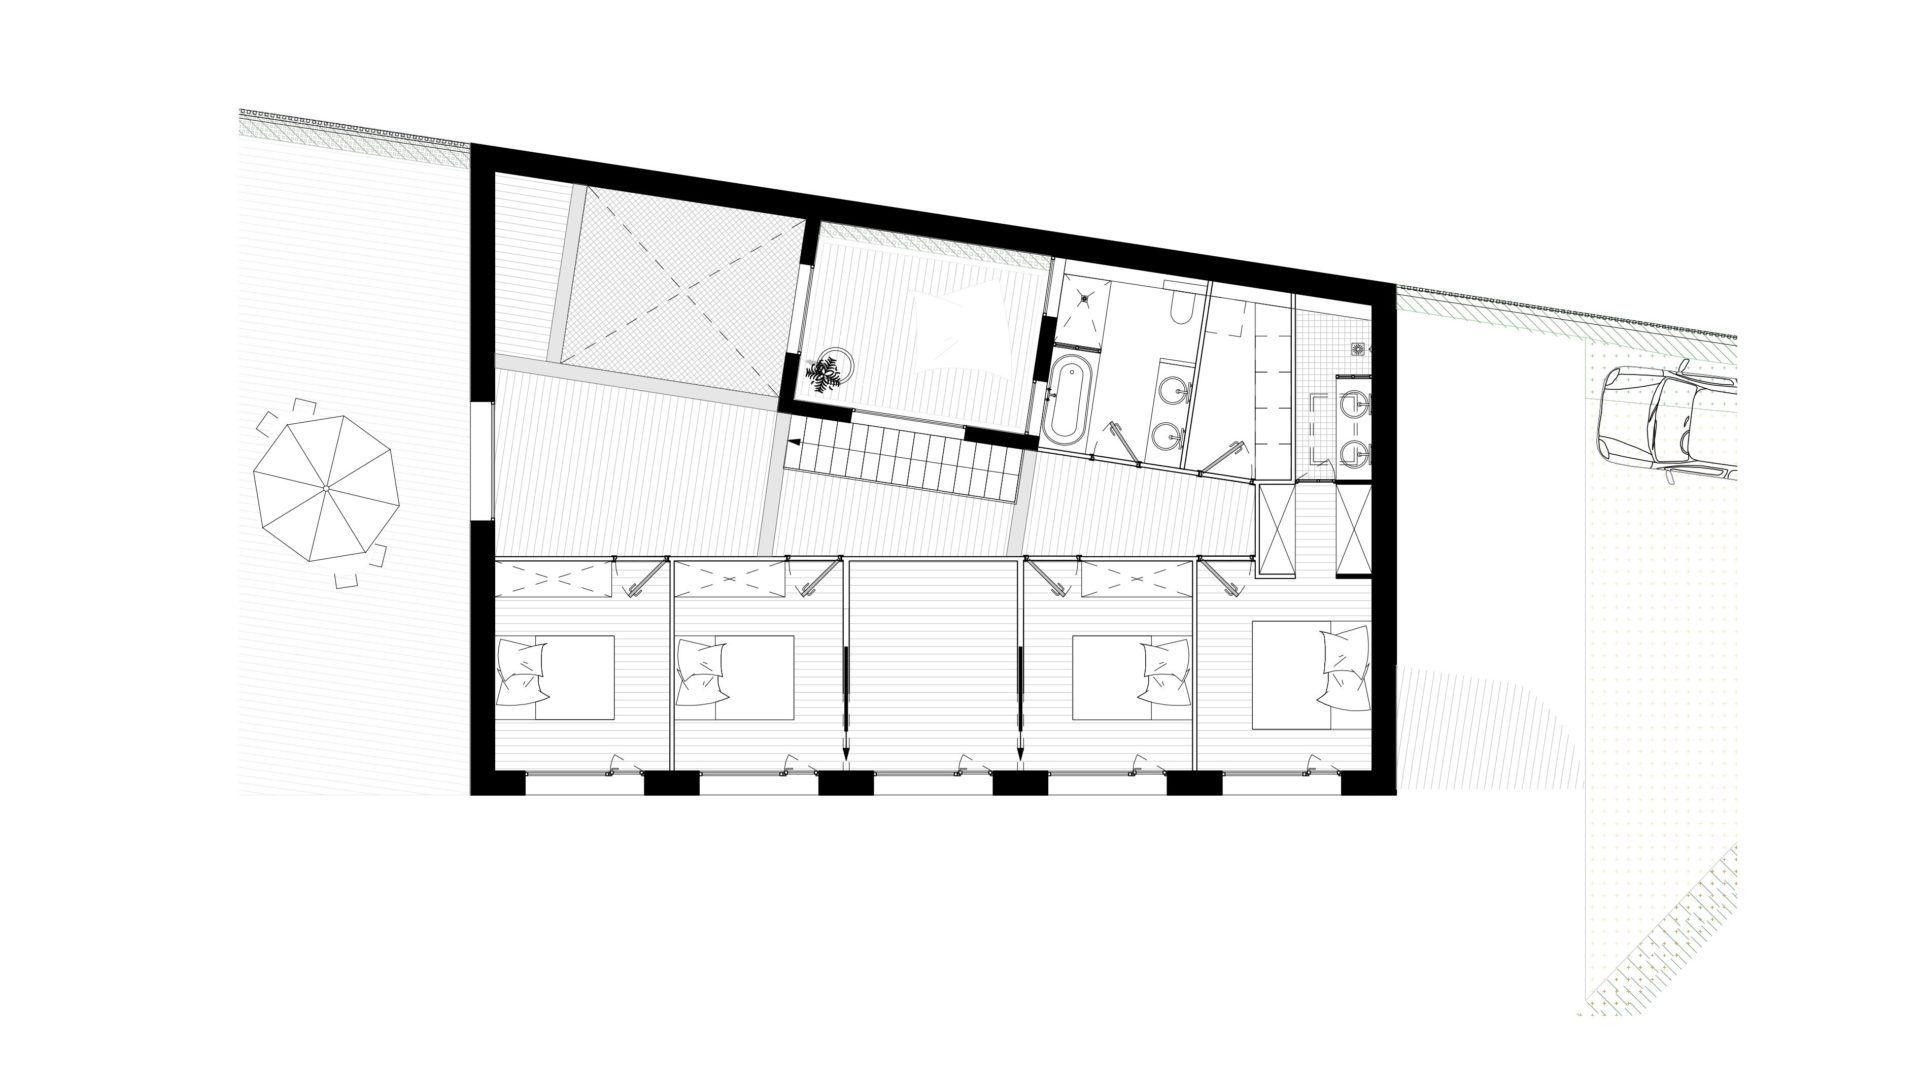 Plan de l'étage de la maison